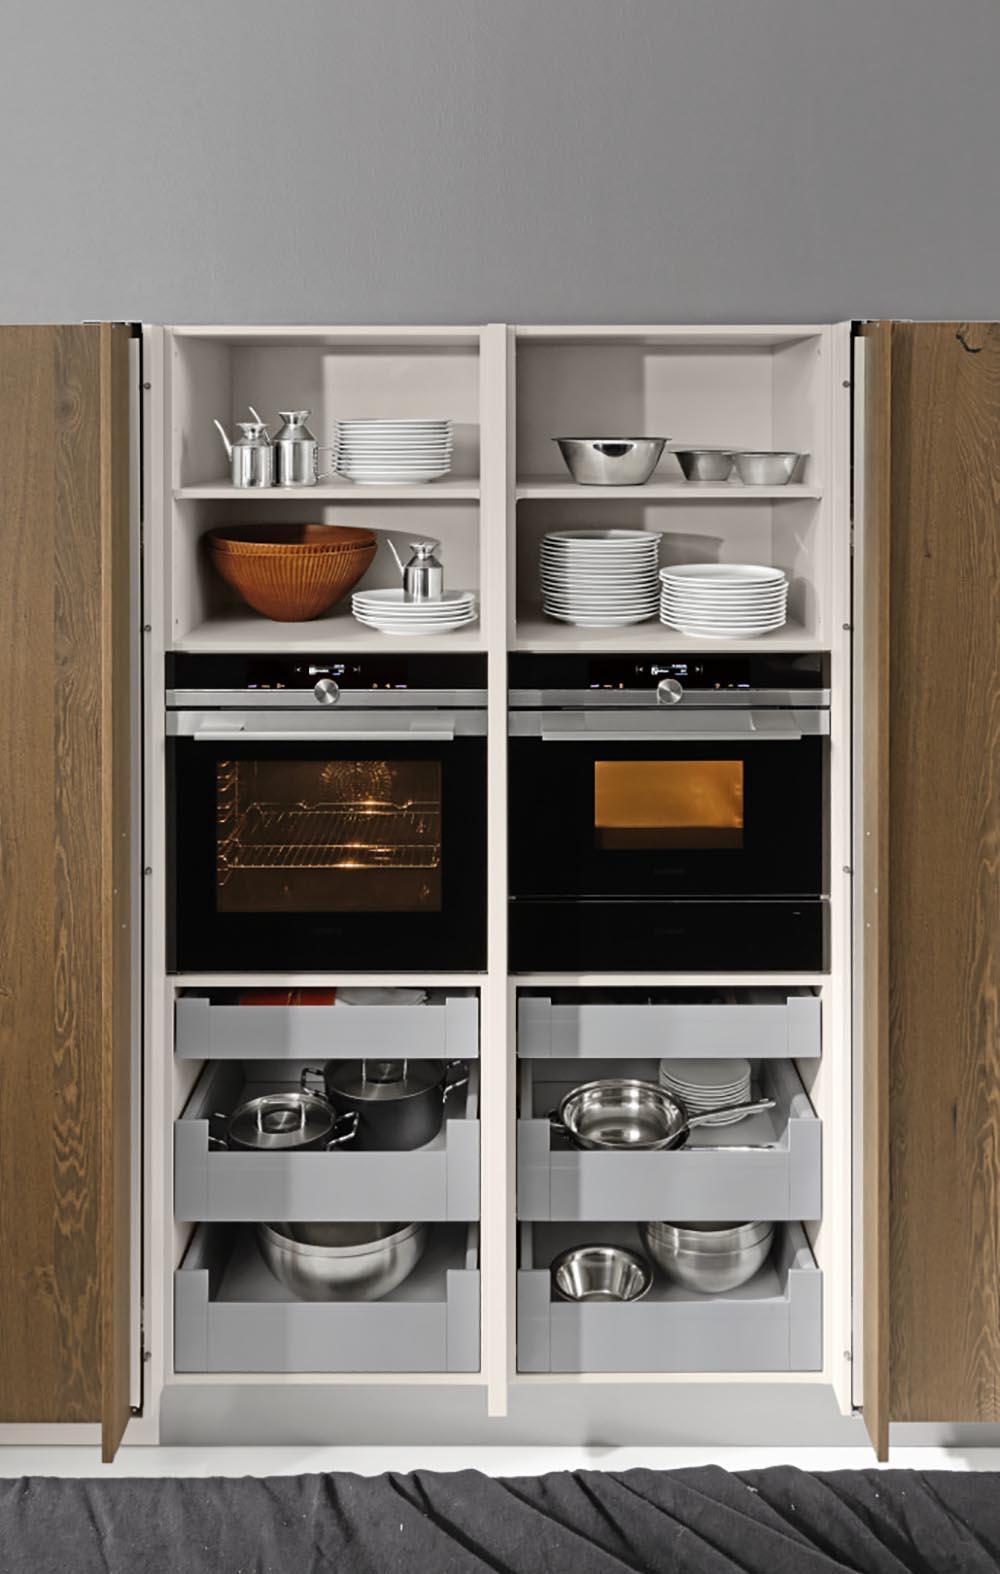 Rangements meuble électroménager de la cuisine unique fonctionnel ergonomie